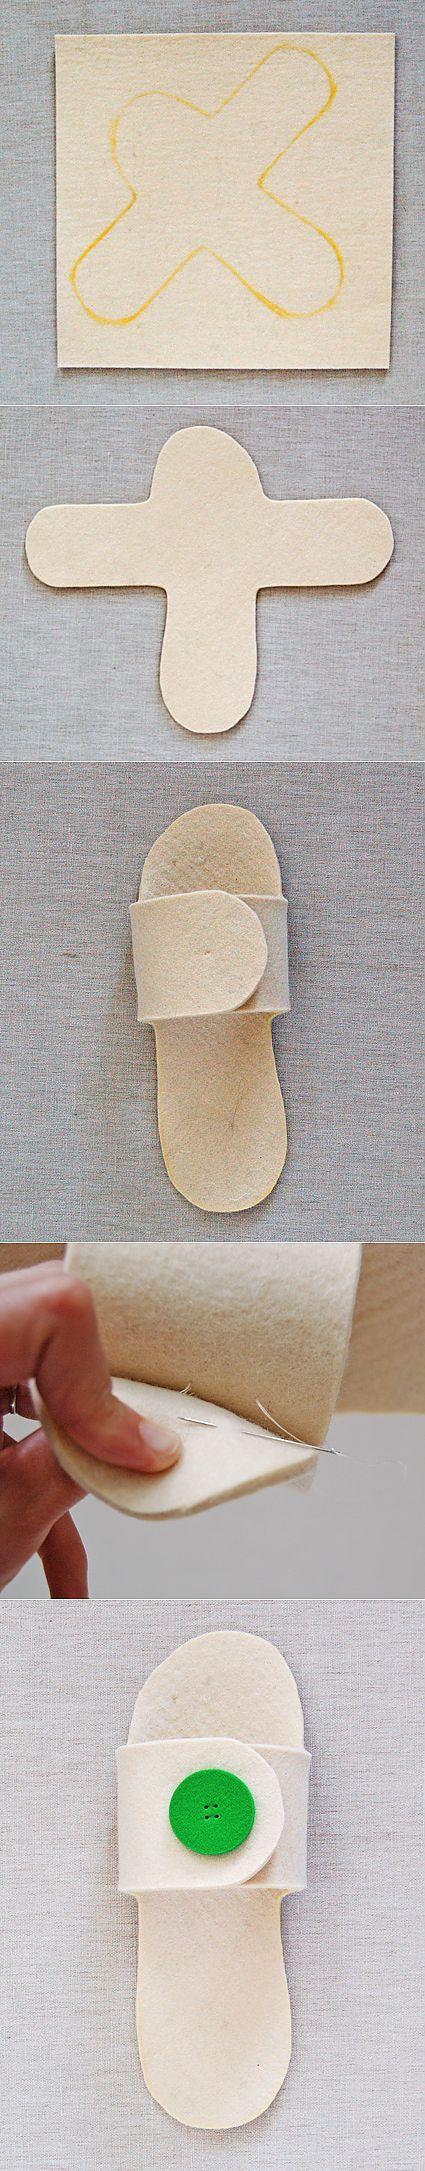 (+1) - Тапочки для гостей | СВОИМИ РУКАМИ | своими руками | Постила